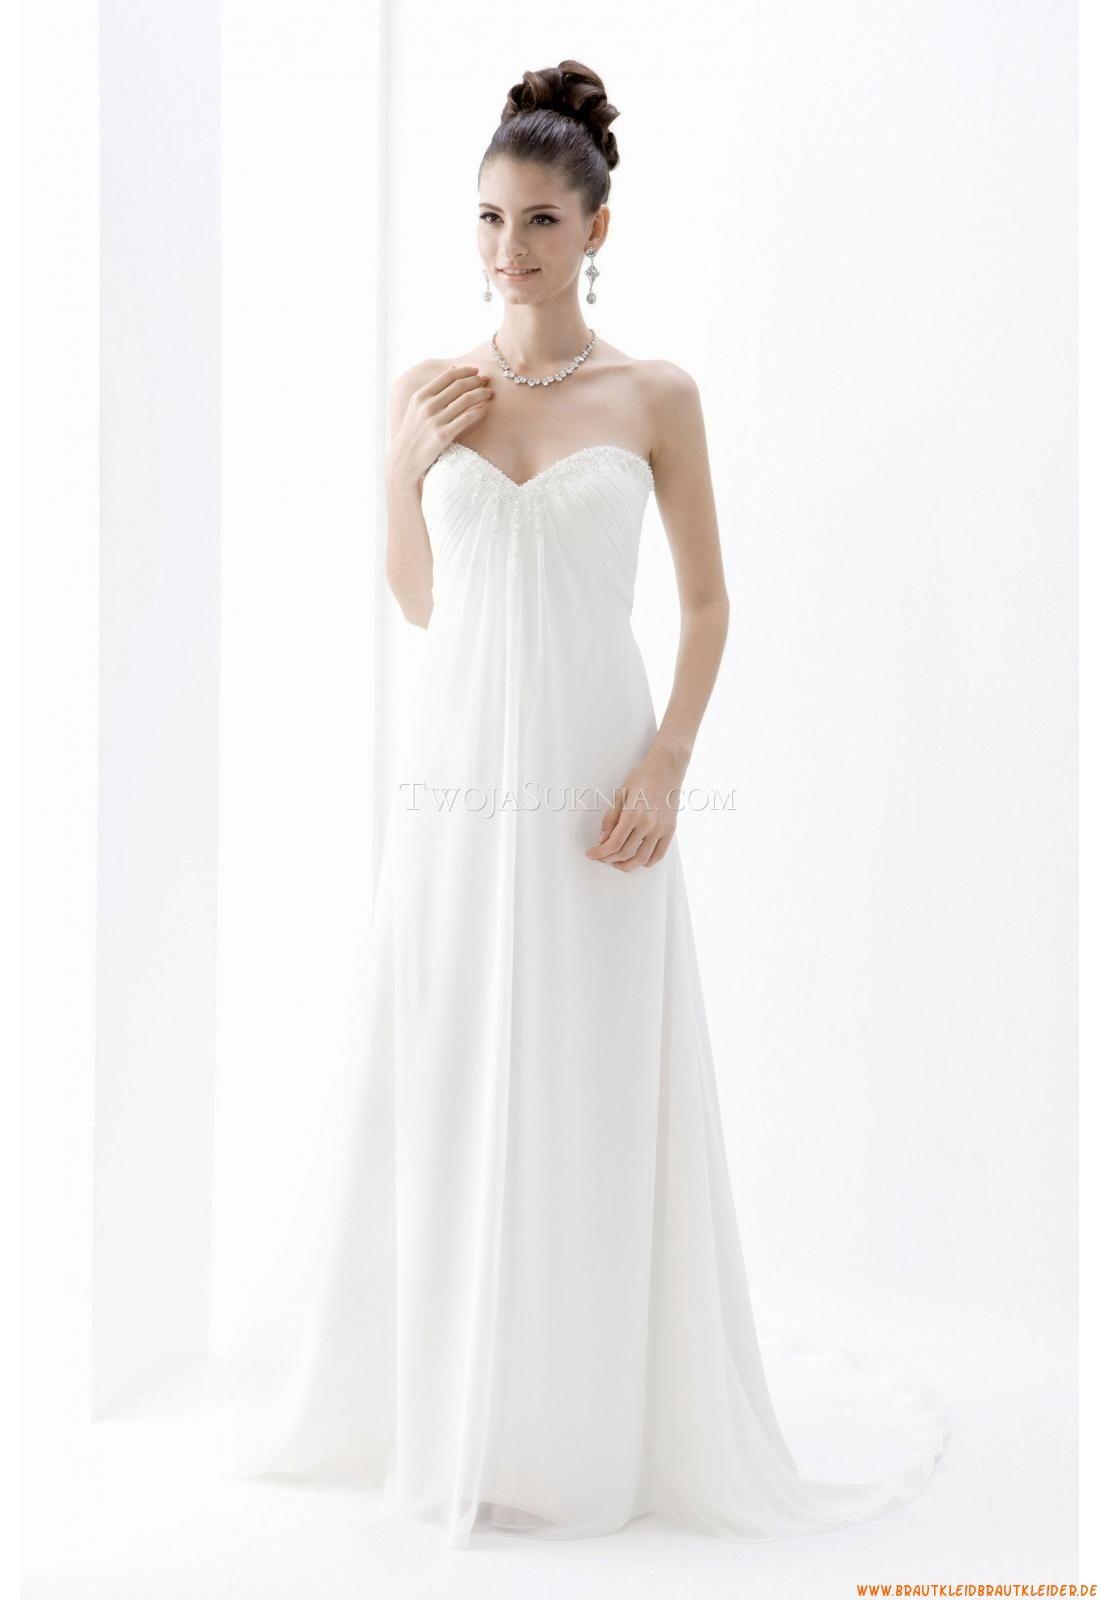 Fein Bescheidener Brautkleider Billig Fotos - Brautkleider Ideen ...